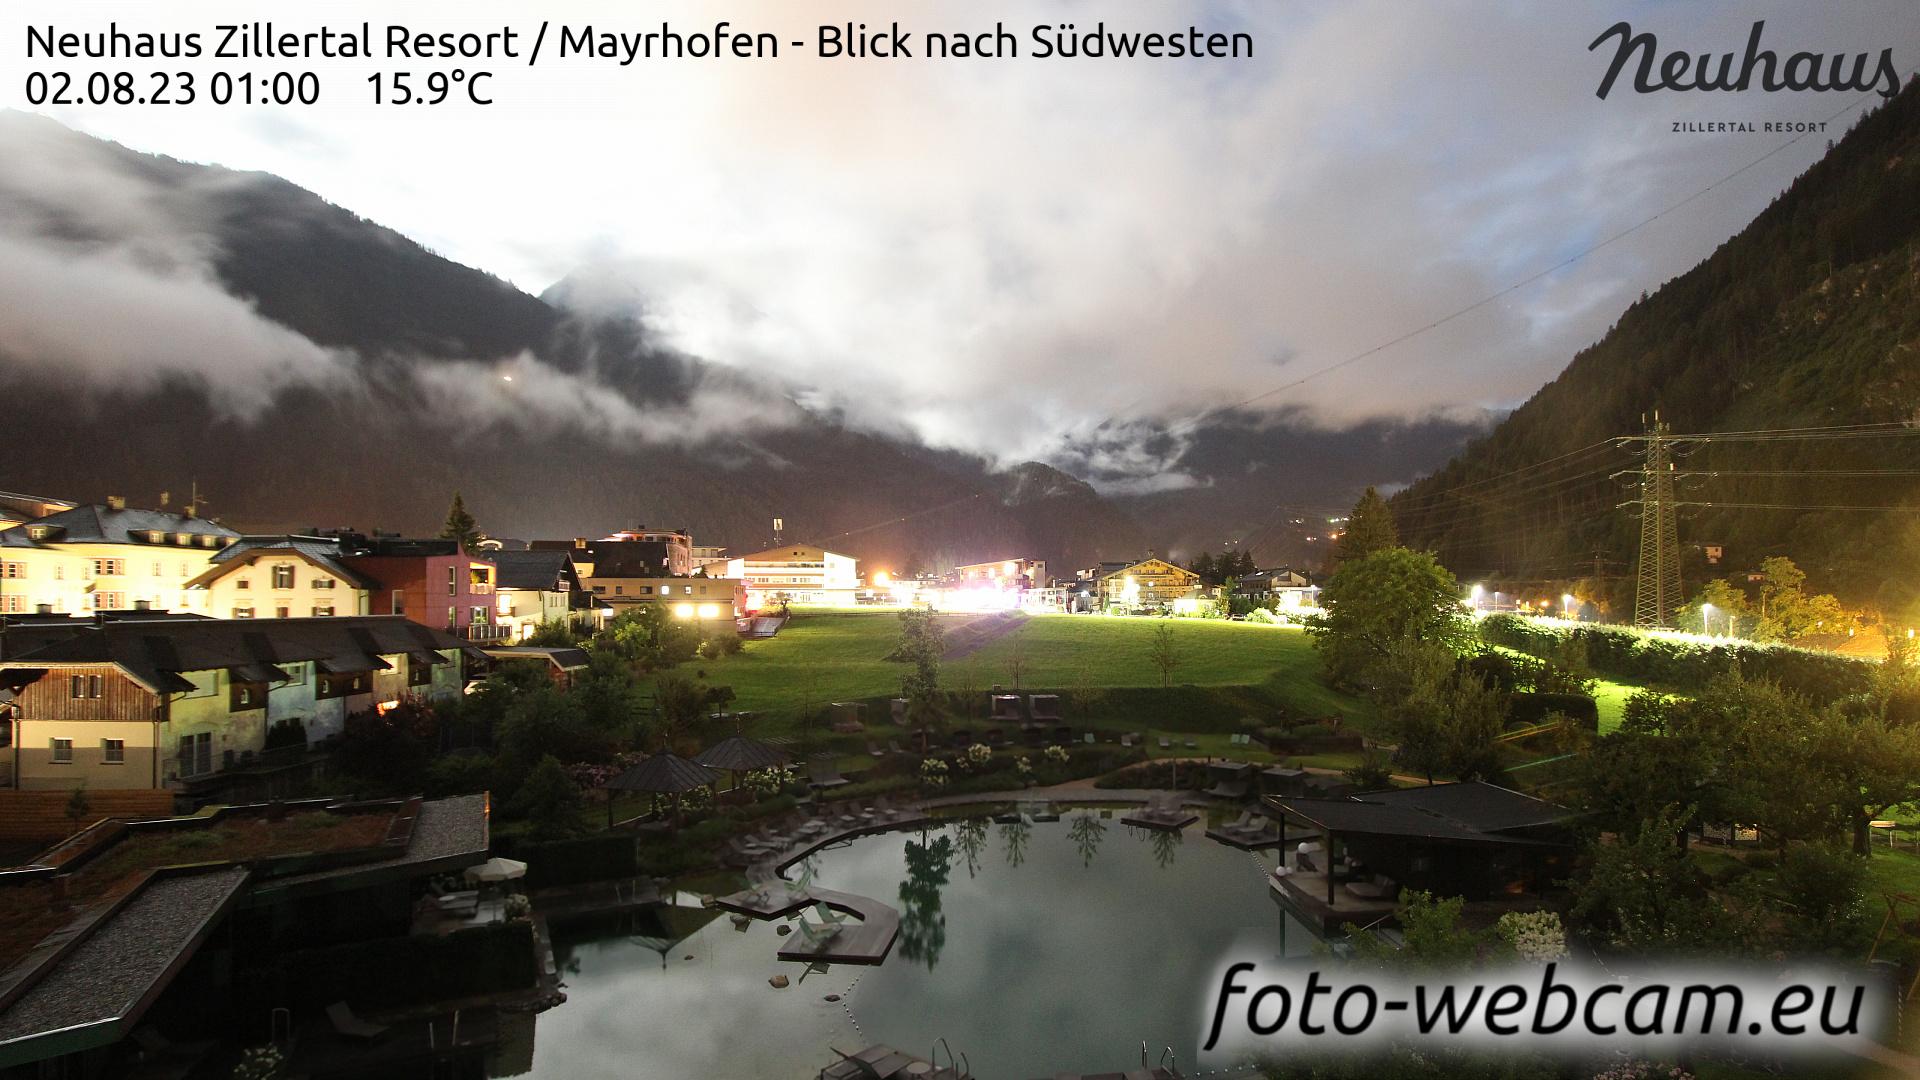 Mayrhofen Mon. 01:33